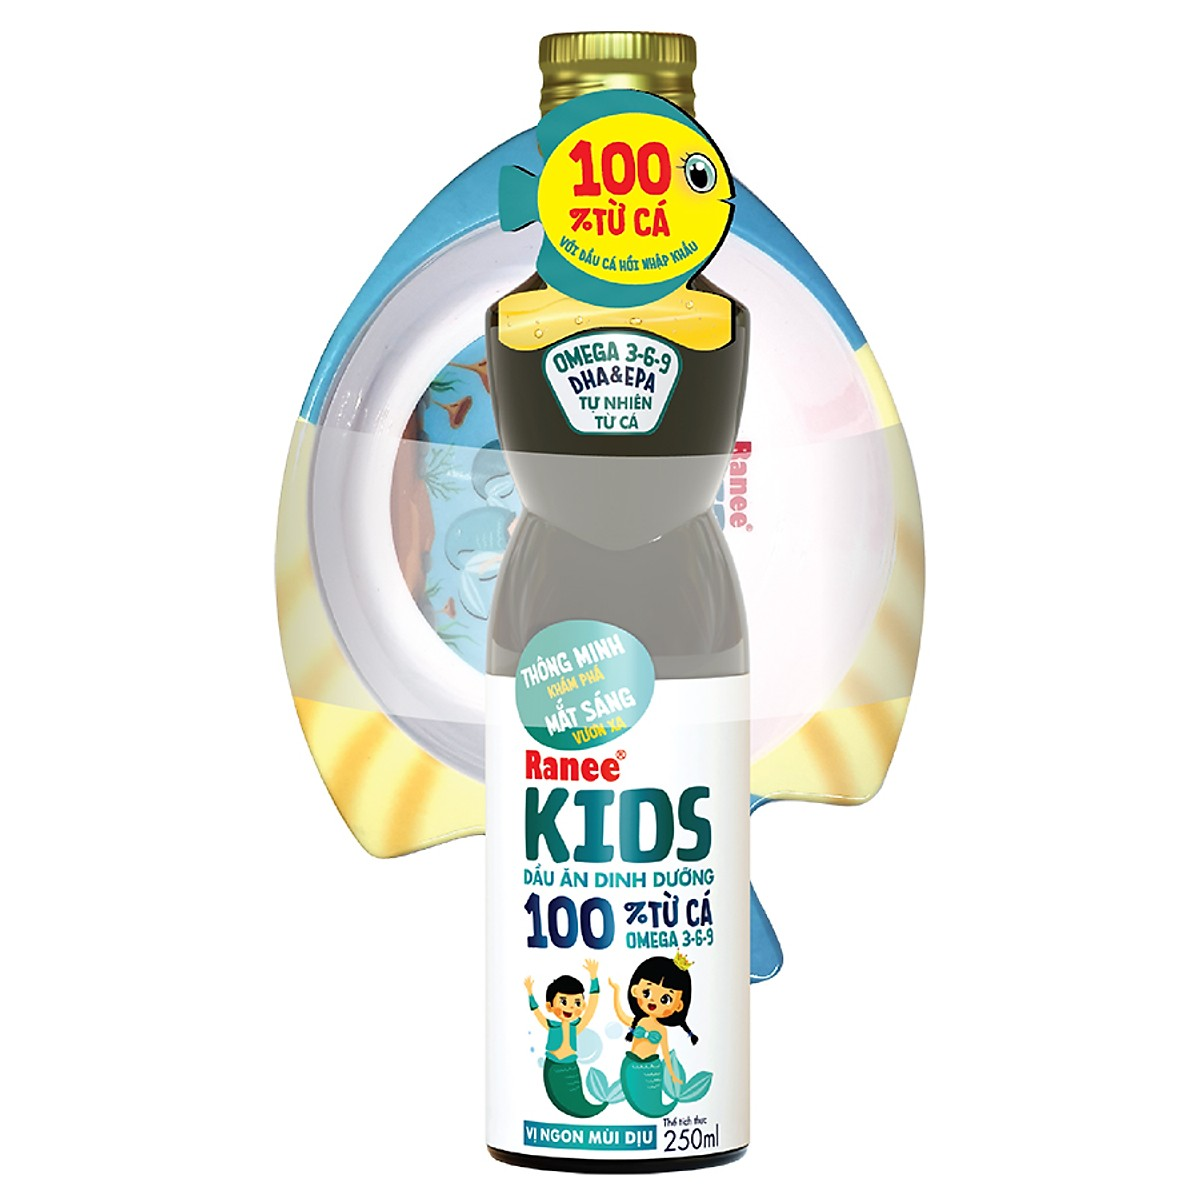 Dầu Ăn Dinh Dưỡng Ranee Kids (250ml)